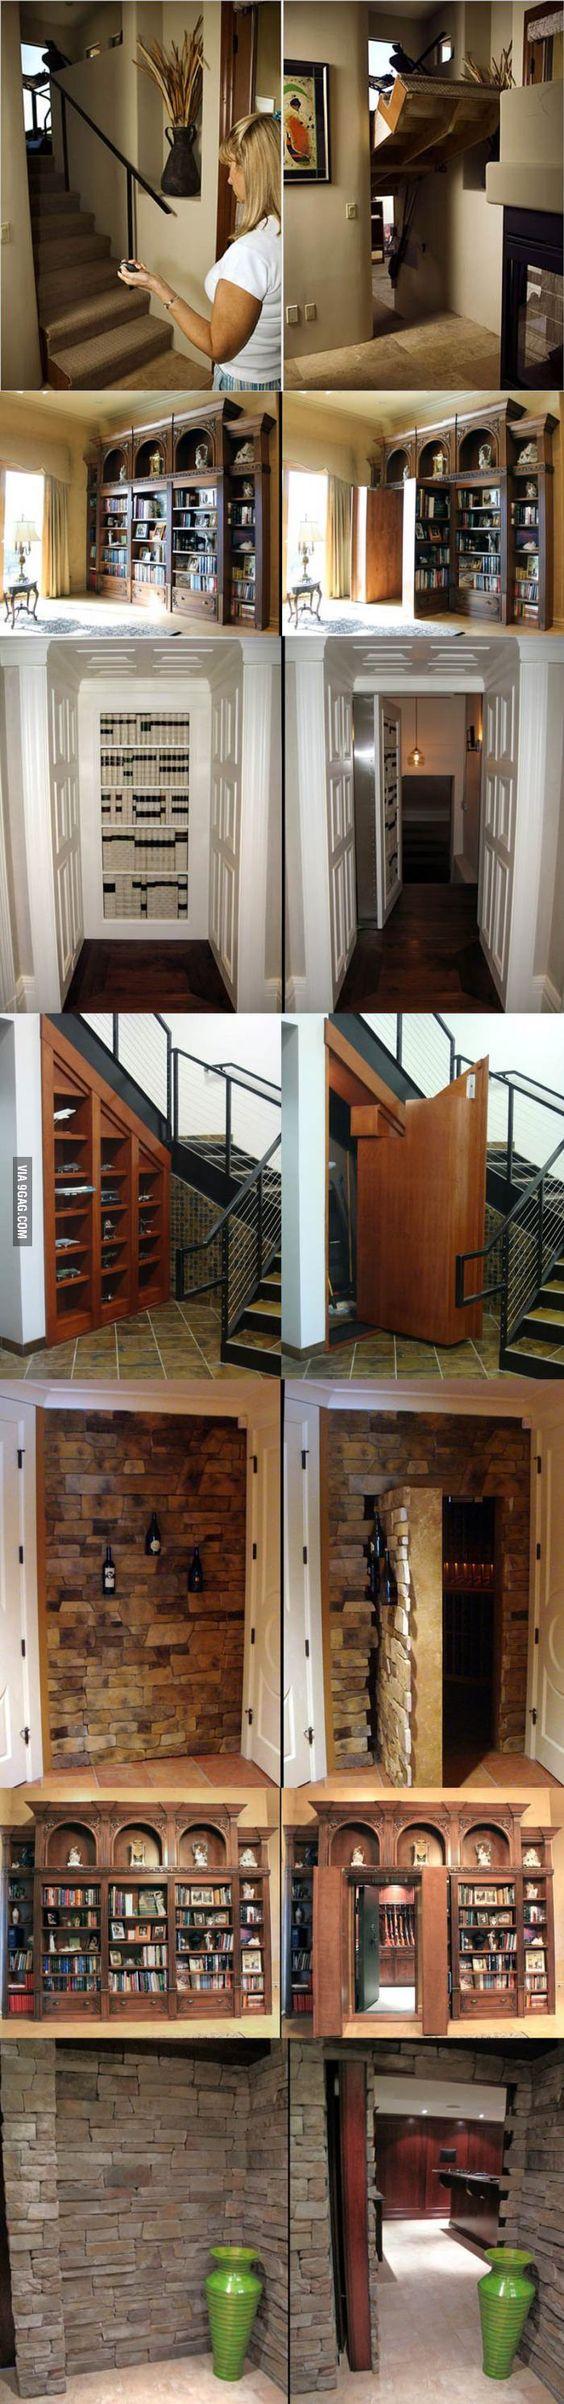 Secret hidden passageways in house hidden passageways for Houses with secret rooms and passageways